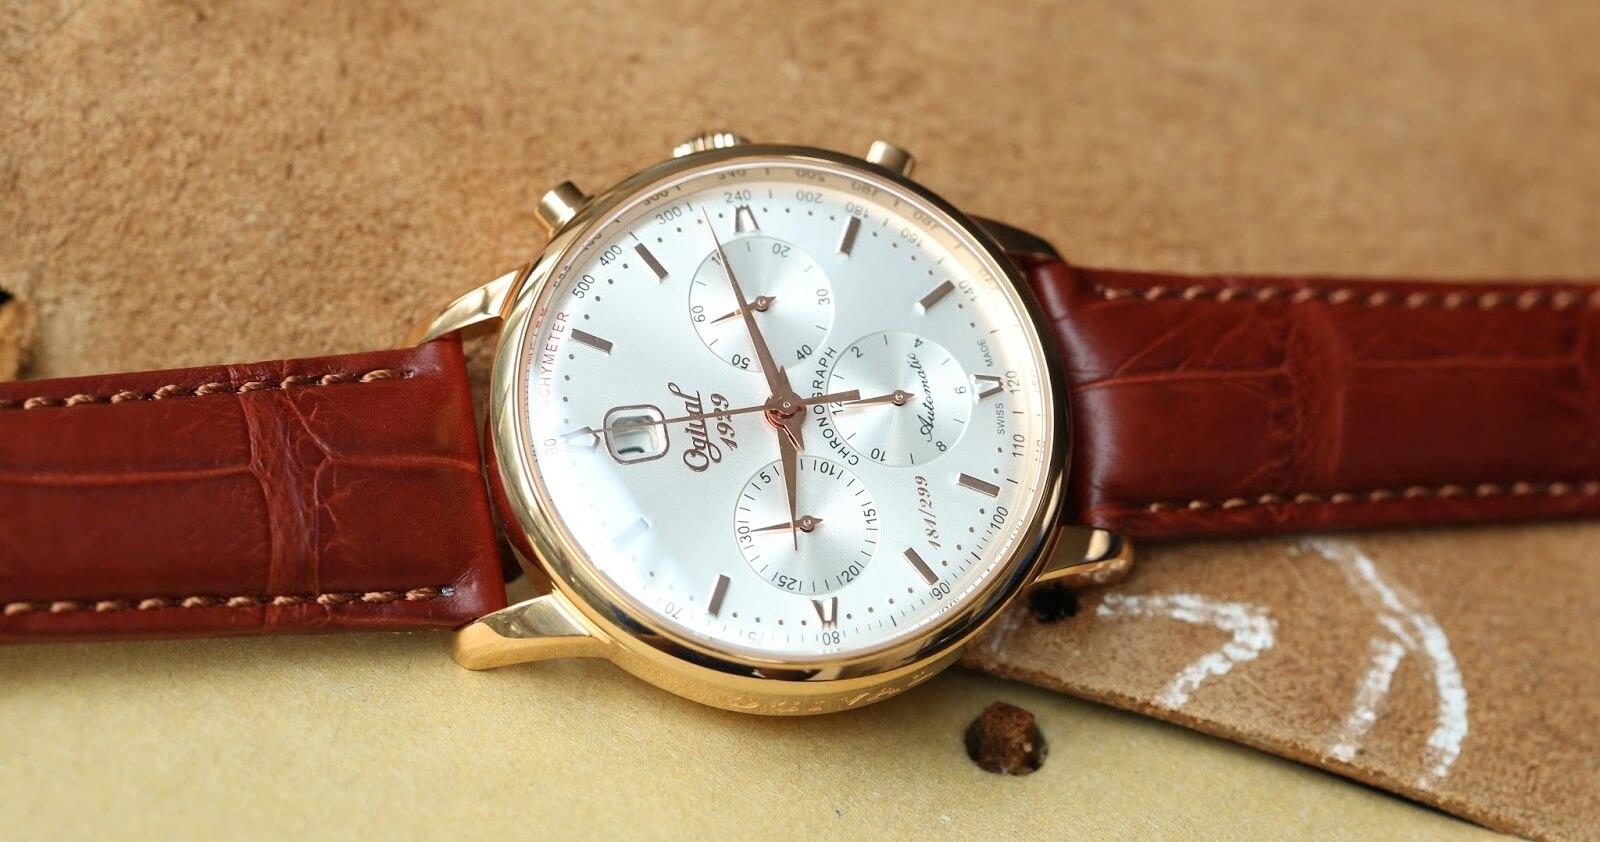 Đồng hồ Ogival - Thương hiệu Thụy Sĩ dành riêng cho người châu Á